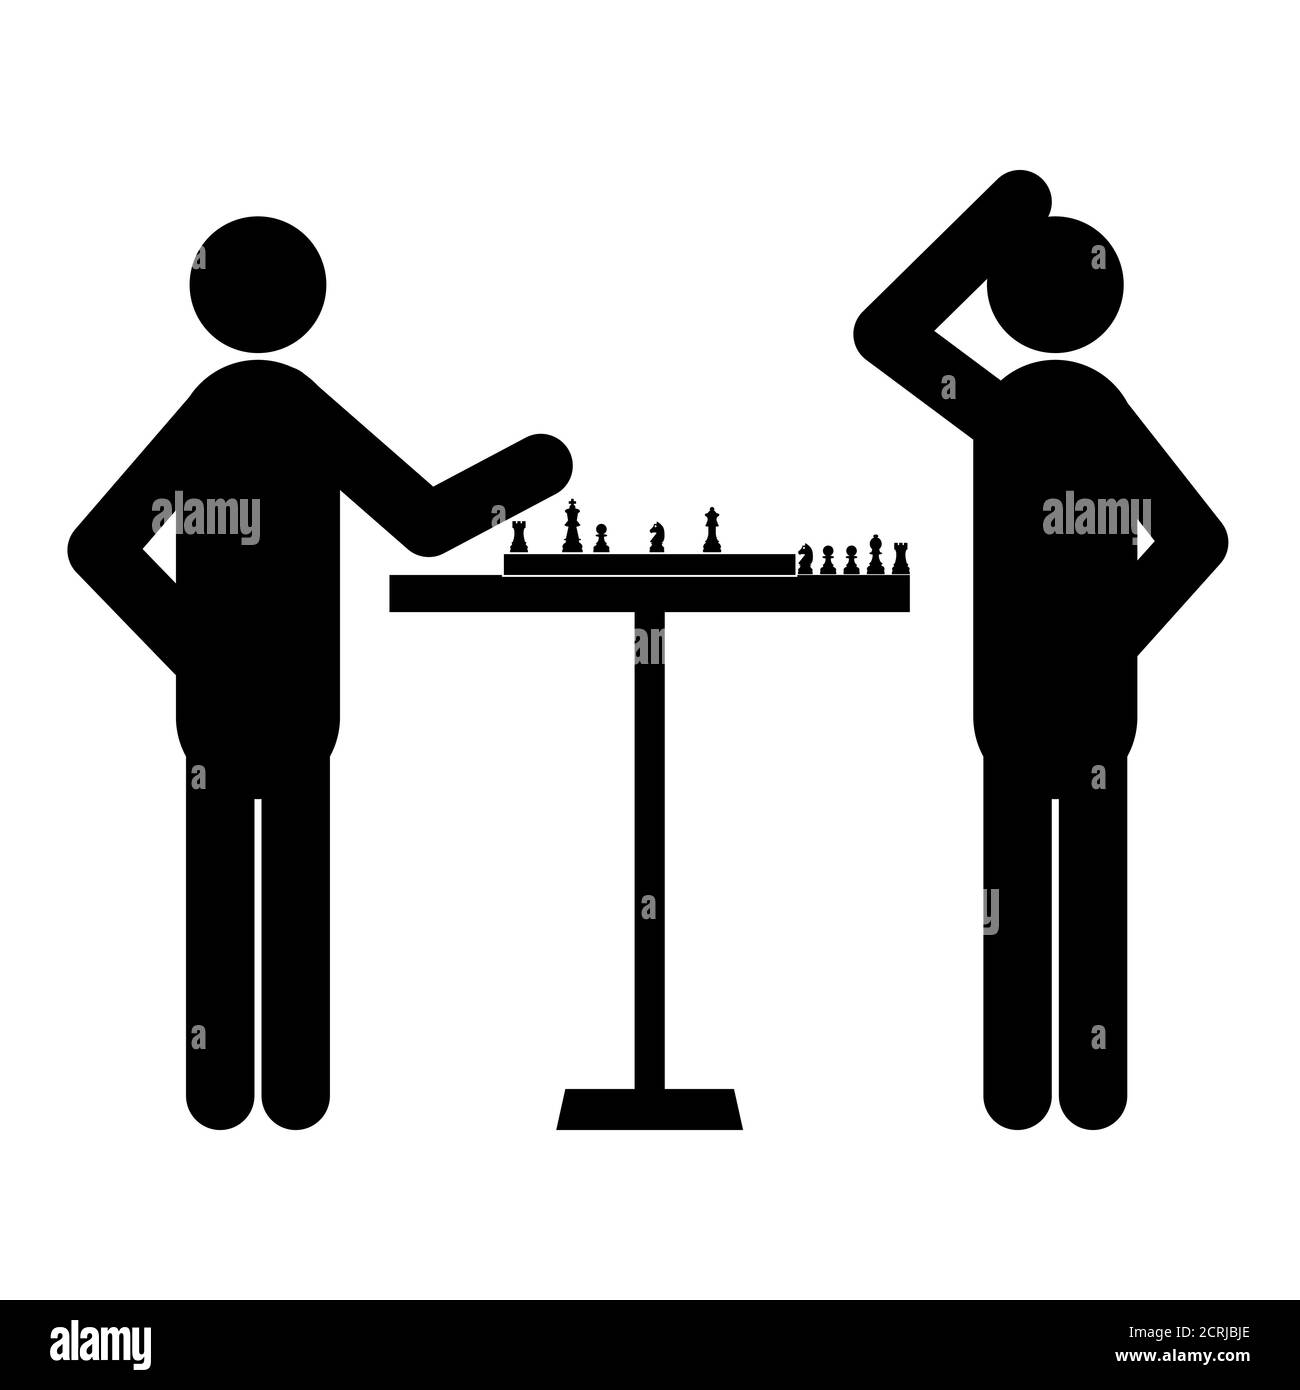 Jeu de figurines, silhouettes noir sur fond blanc. Jouer aux échecs, illustration vectorielle. Illustration de Vecteur